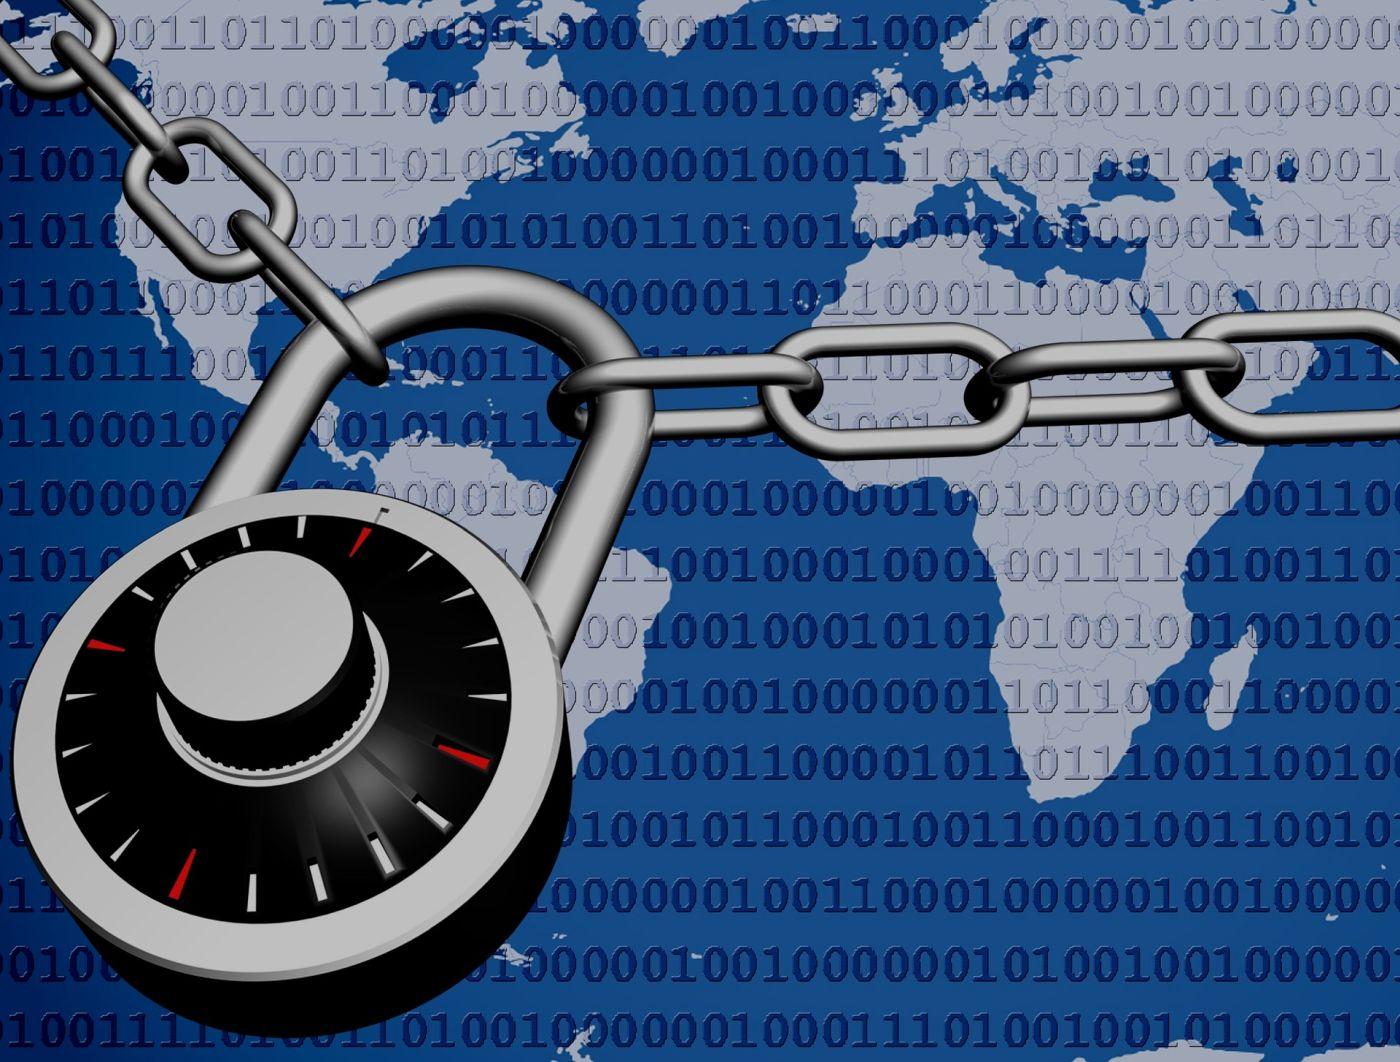 Sicherheitscheck Internetanschluss